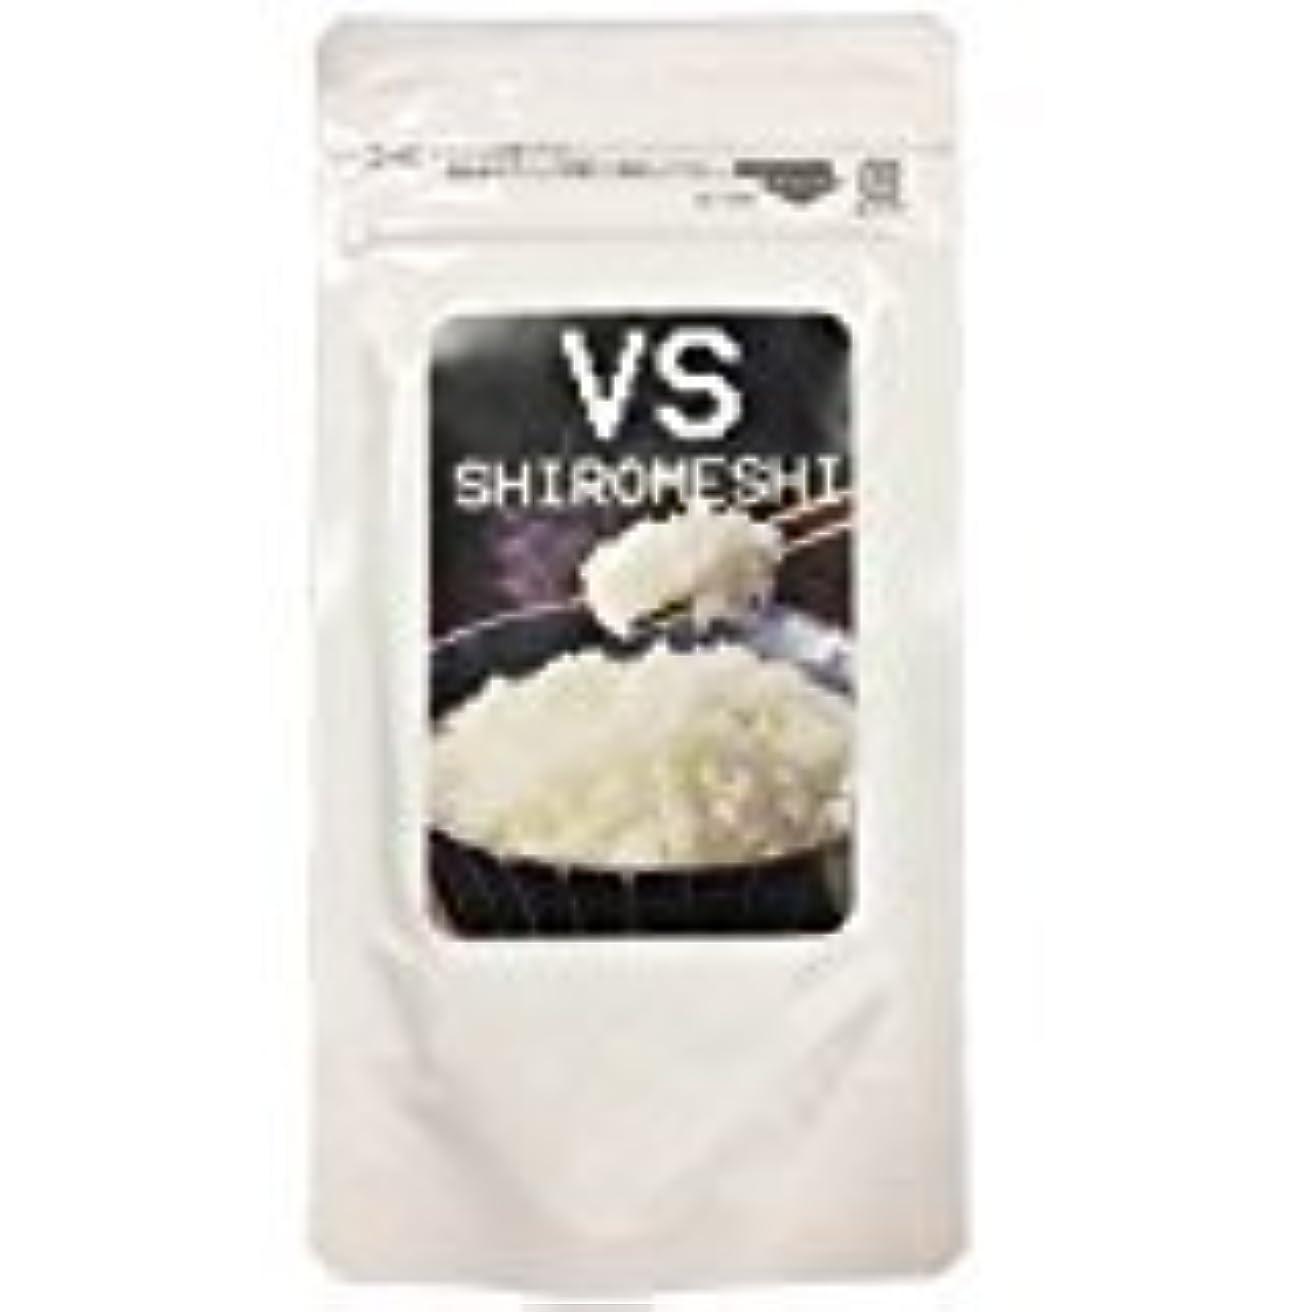 製造業満州典型的なVS SHIROMESHI